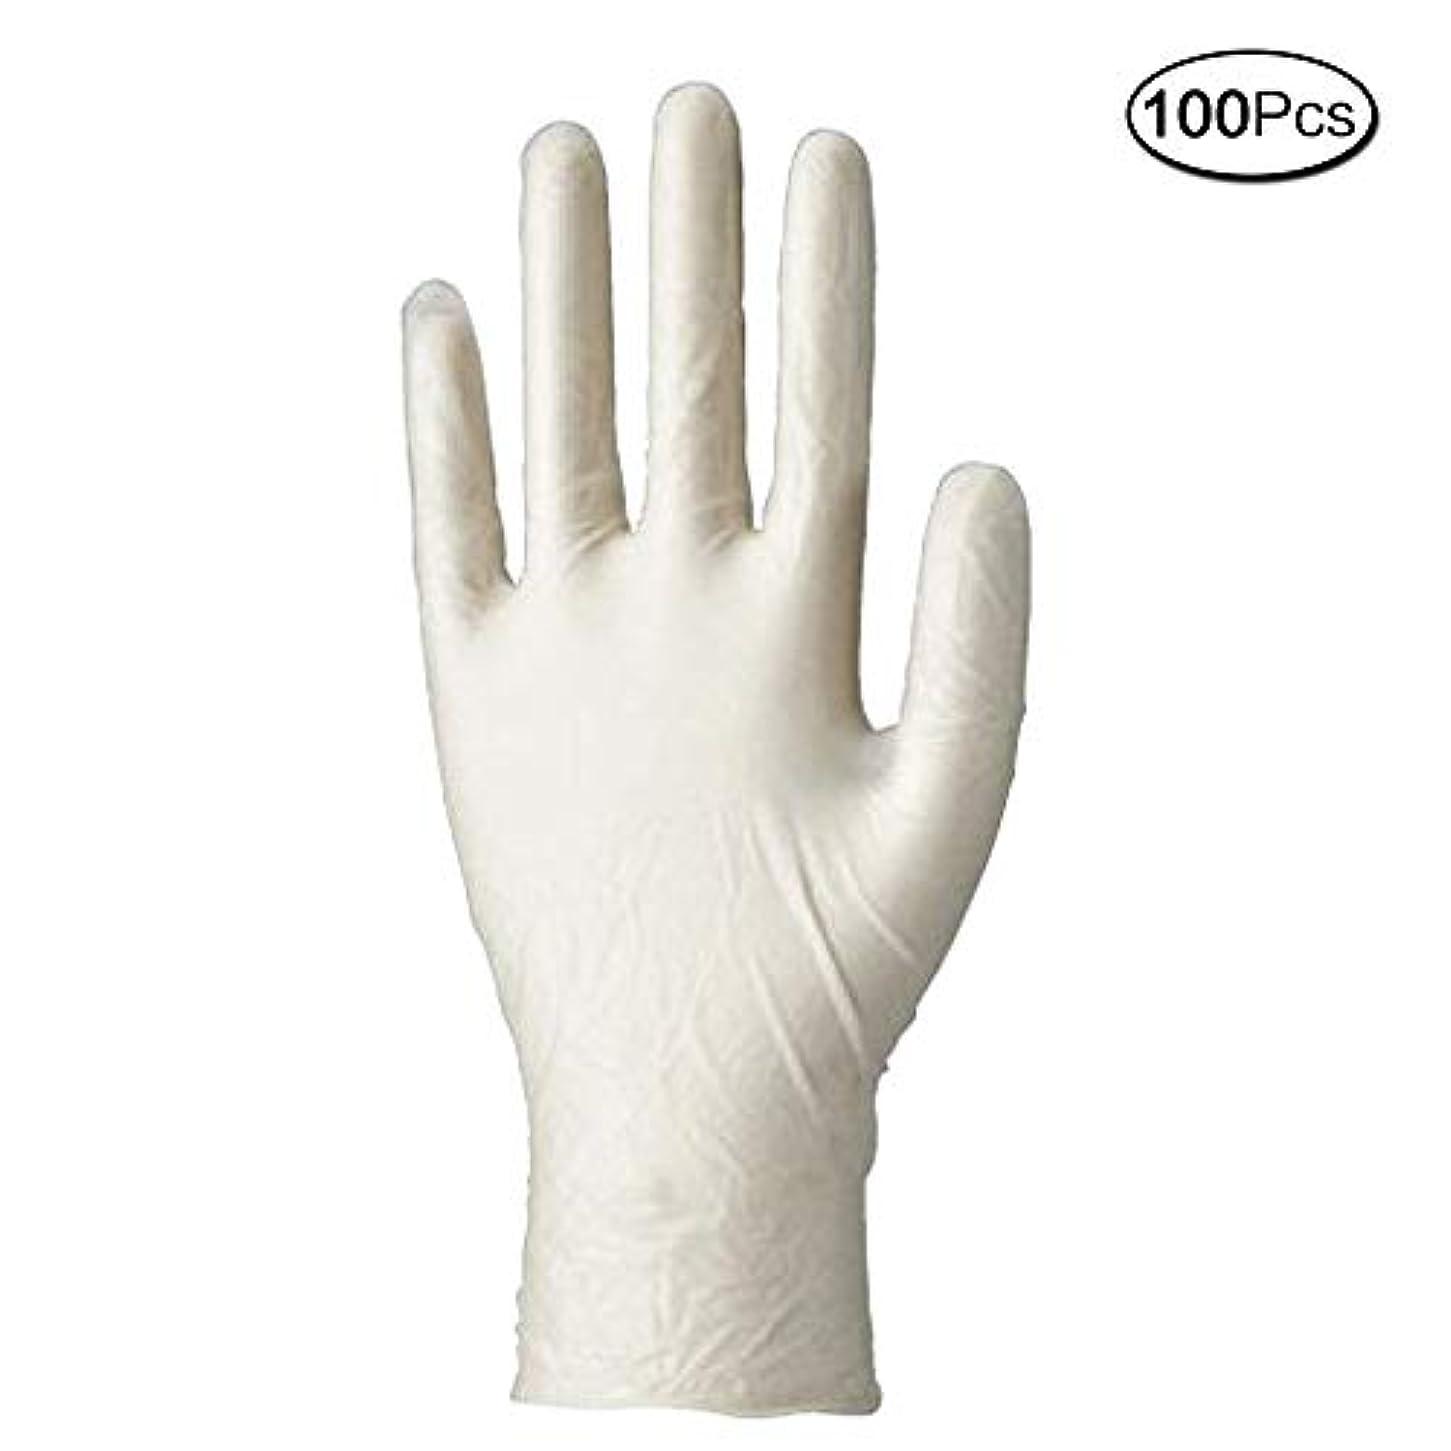 メンダシティラベ検査使い捨て手袋 マイスコPVCグローブ 粉なし (サイズ:M)100枚入り 病院採用商品